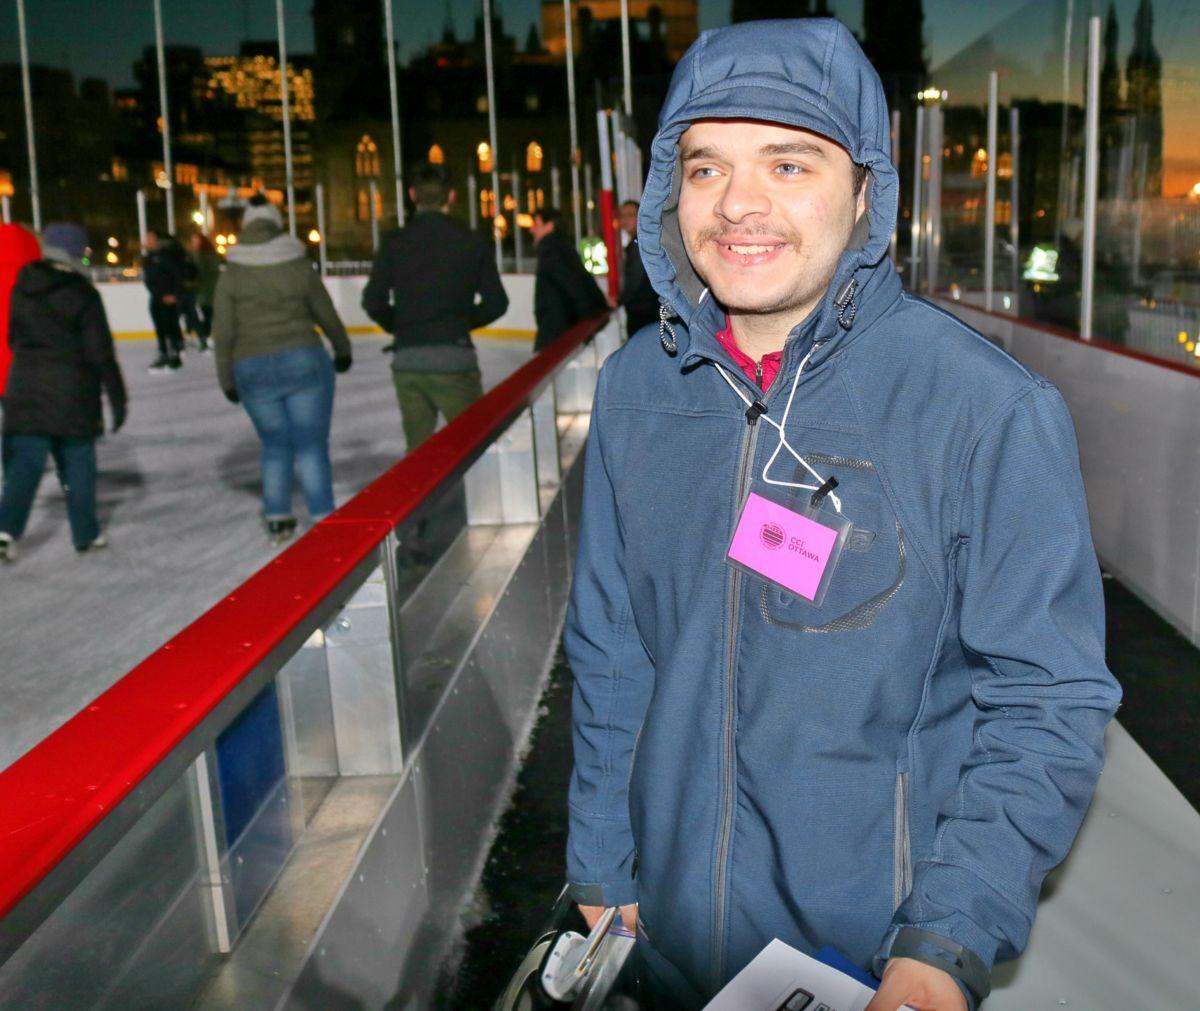 Young man at skating rink